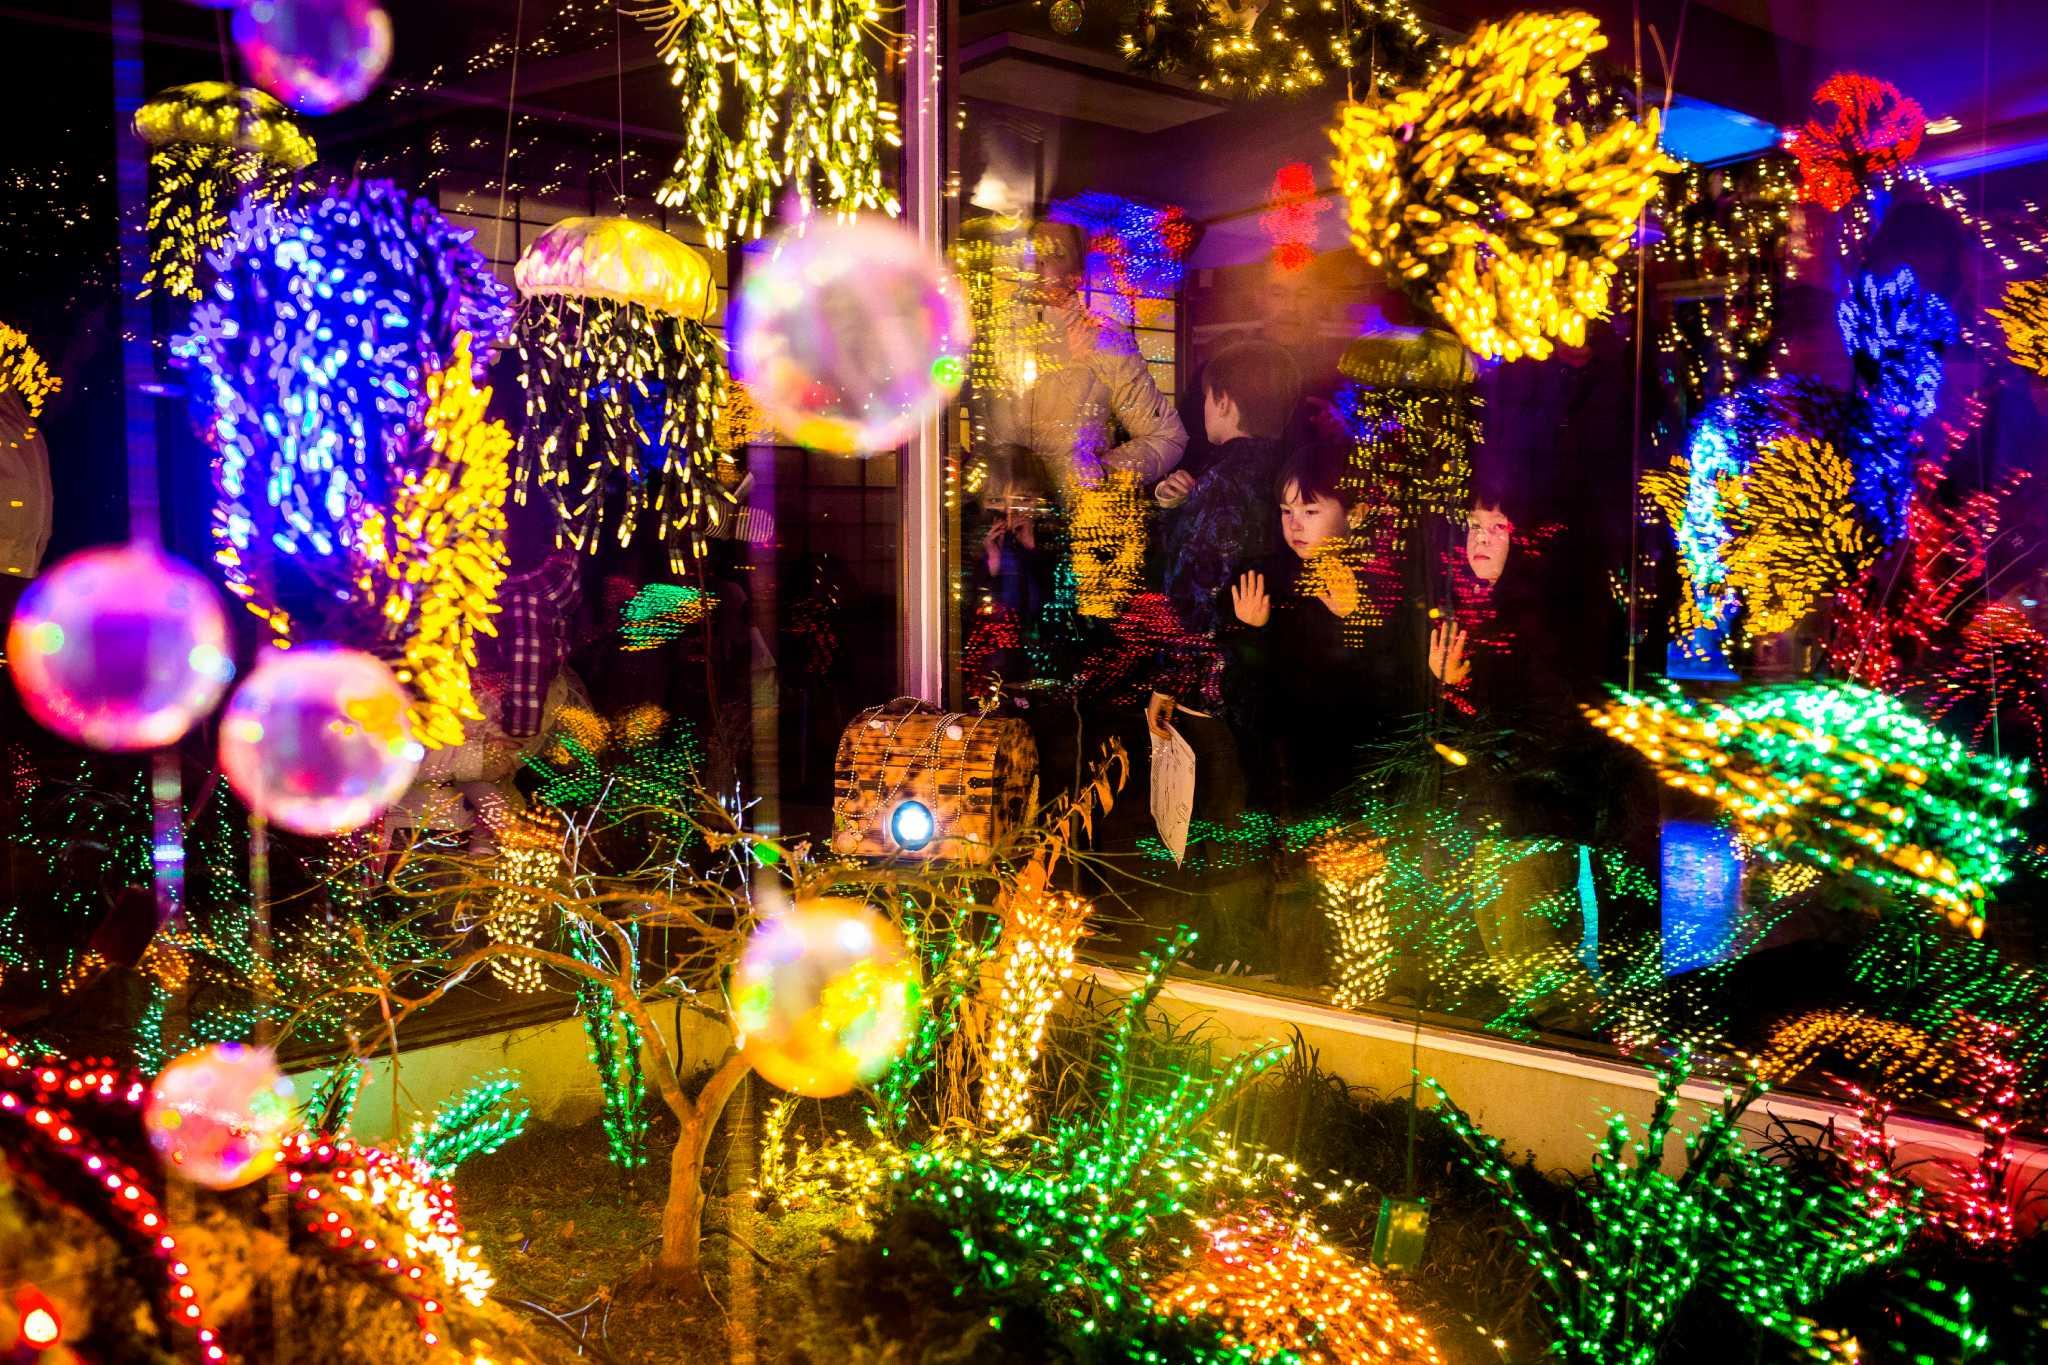 Garden d lights at the bellevue botanical garden for Bellevue botanical garden lights